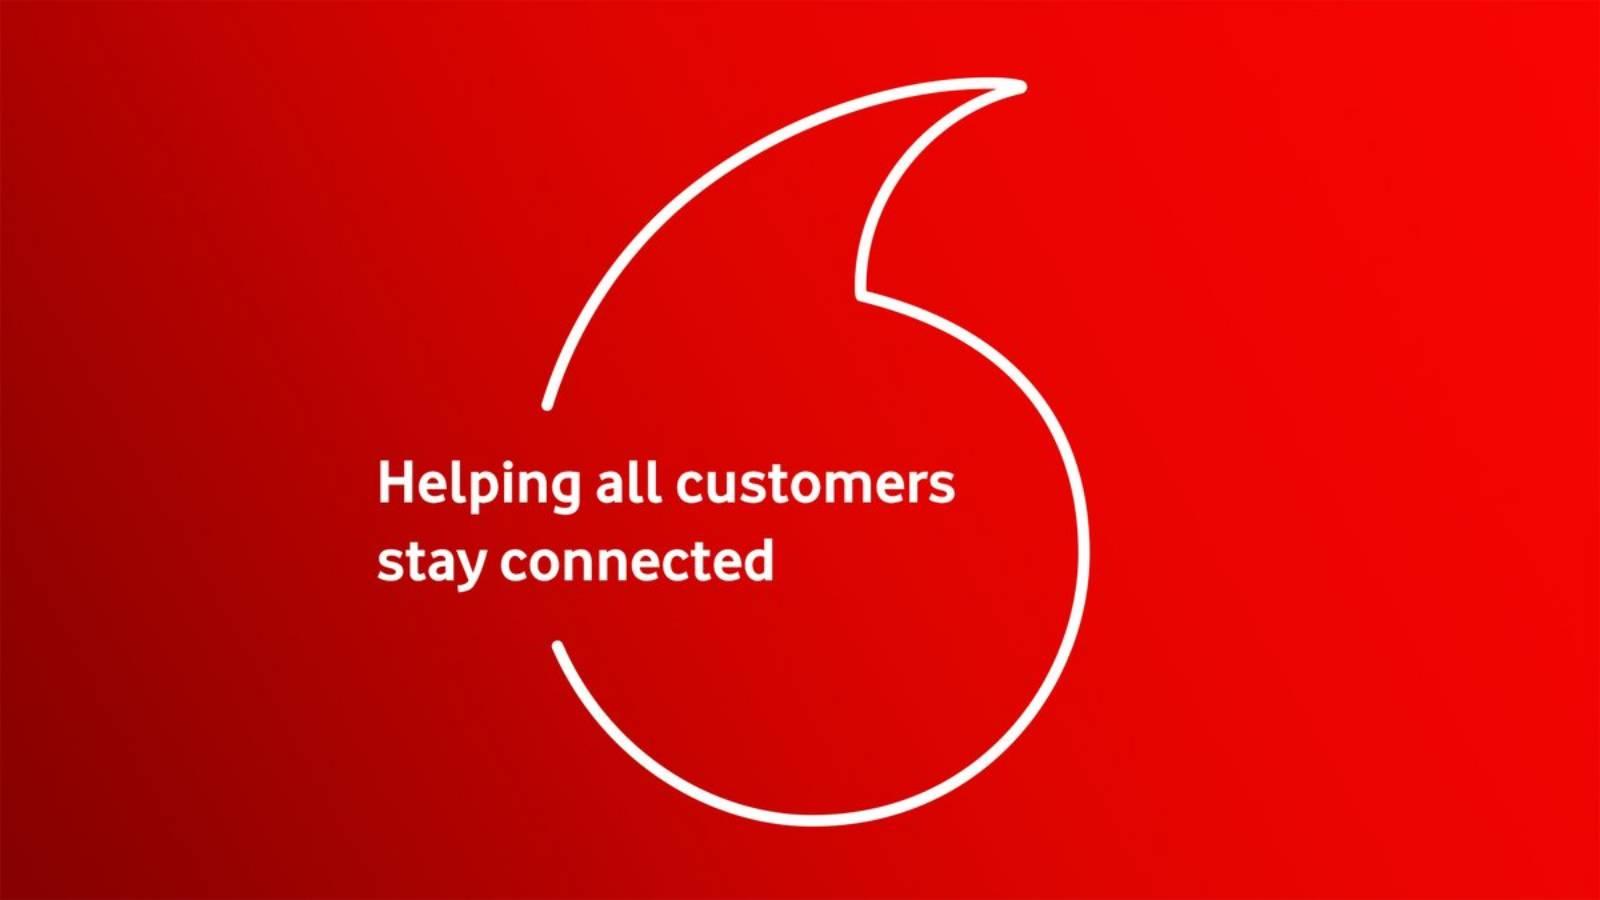 Vodafone Romania uhd